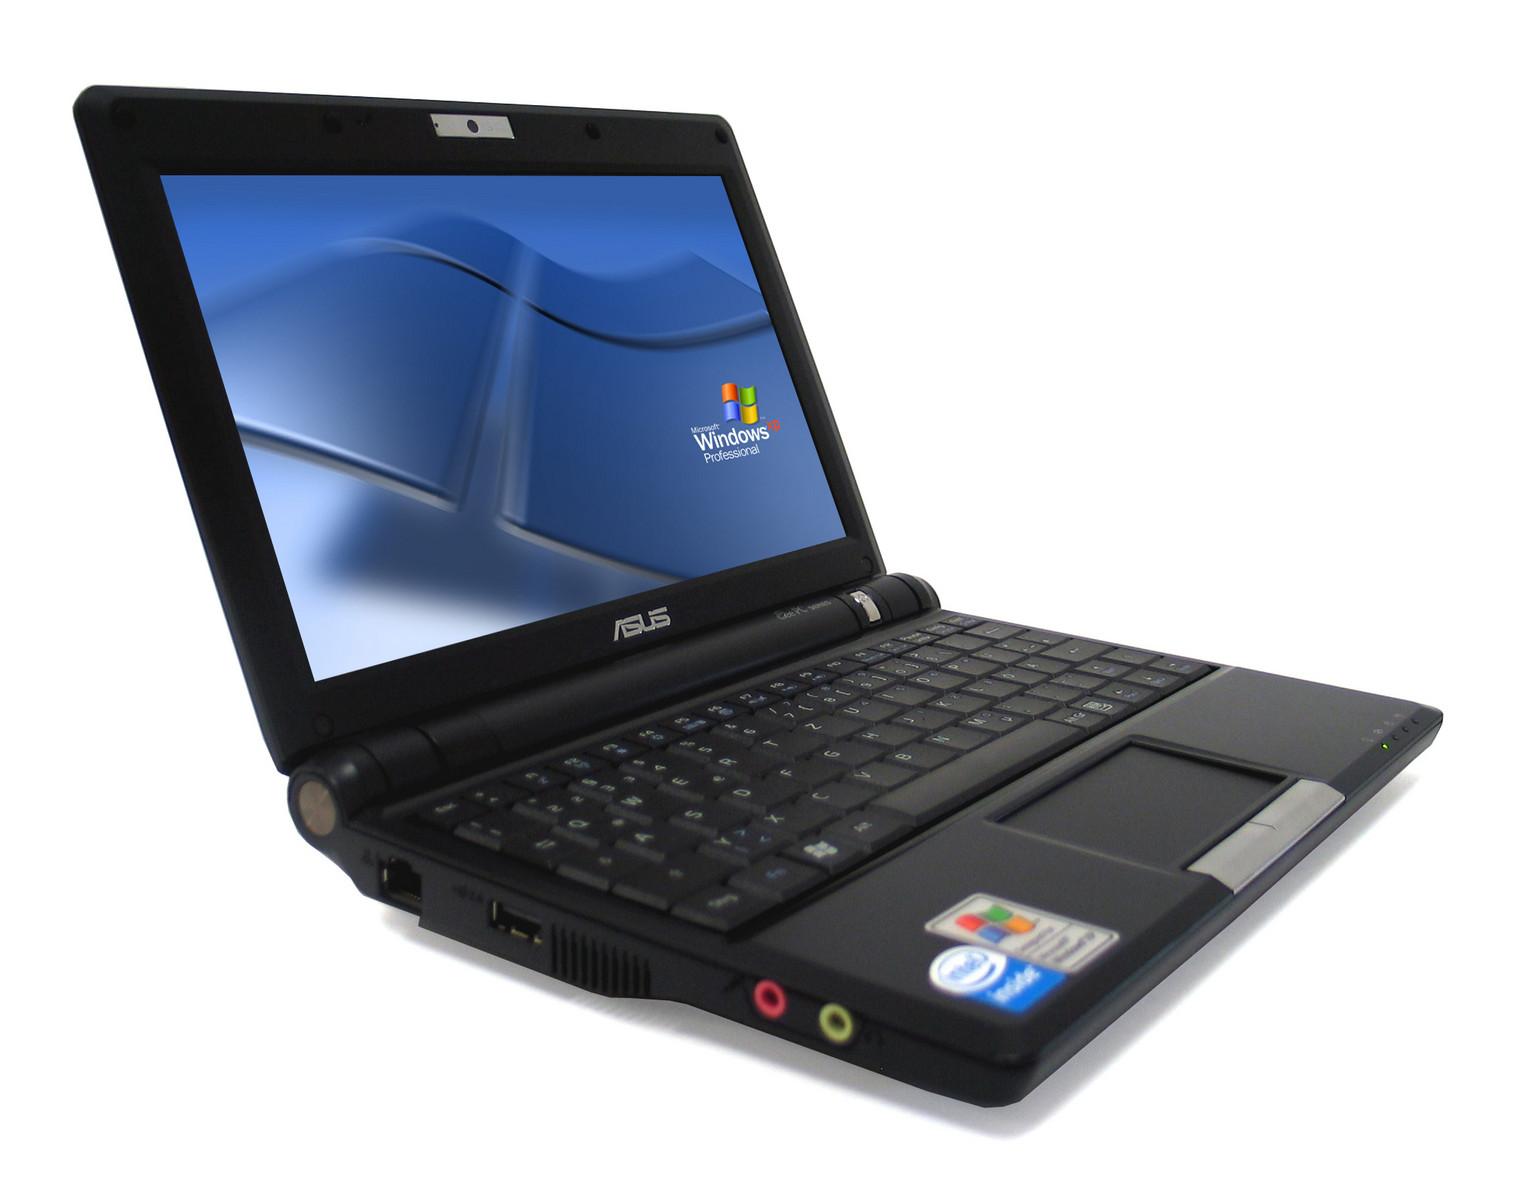 ASUS 900HAXP EEE PC TREIBER HERUNTERLADEN